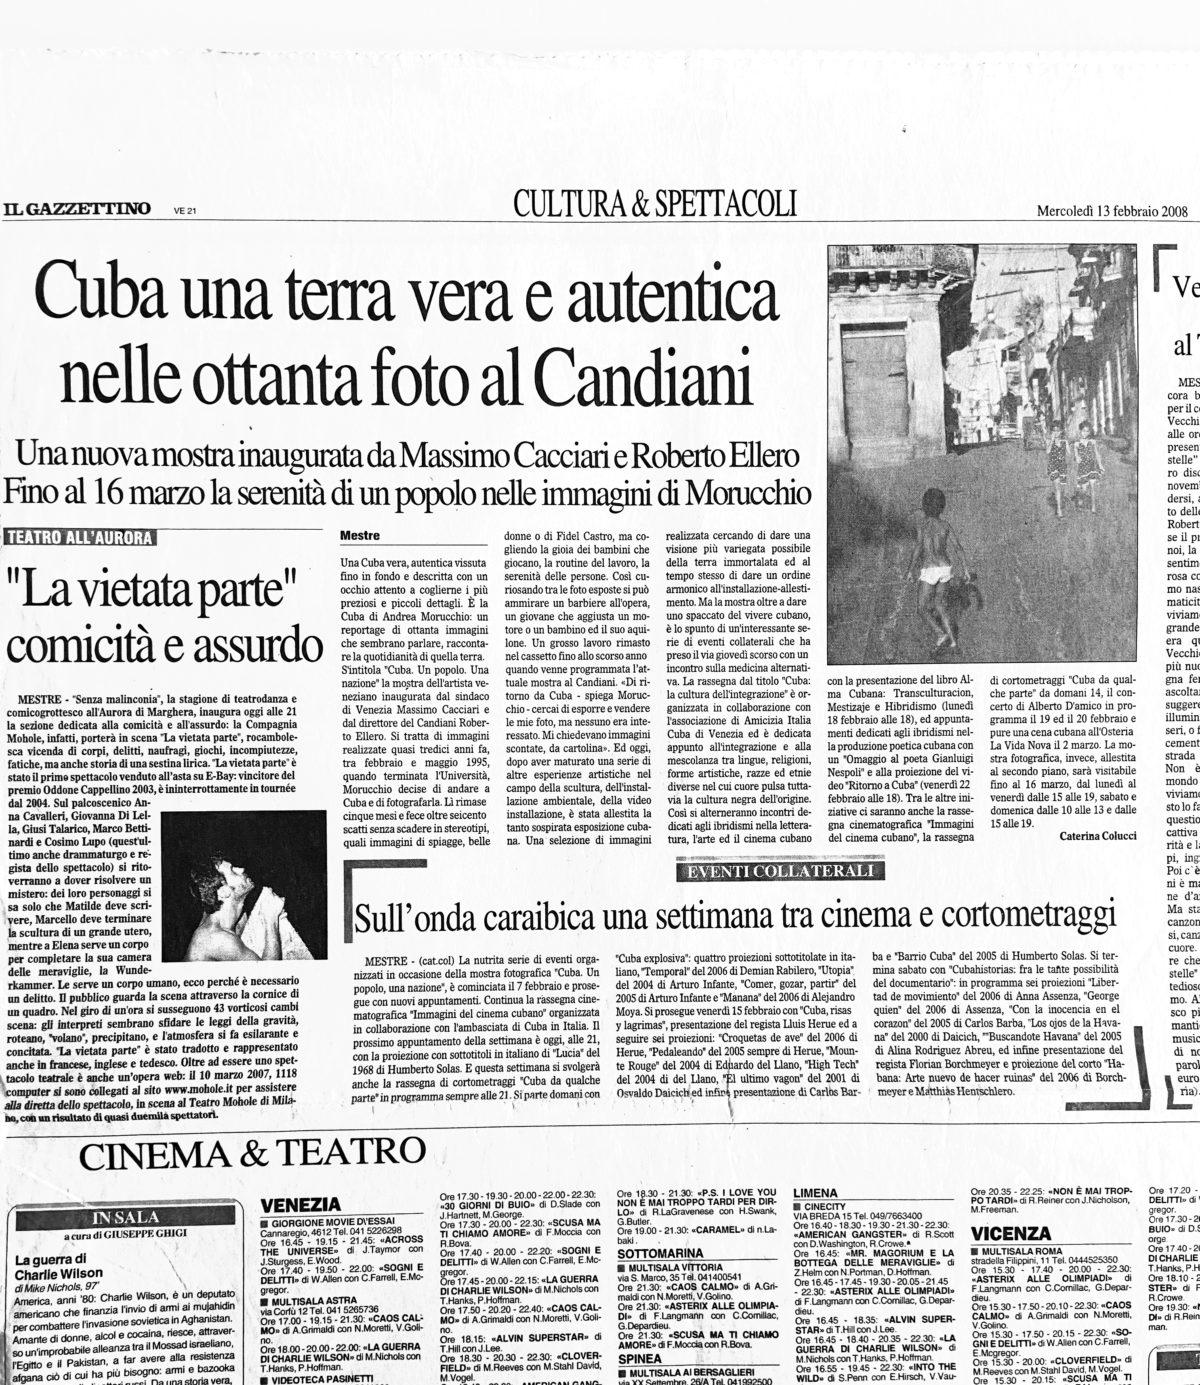 Il Gazzettino | 13.02.2008